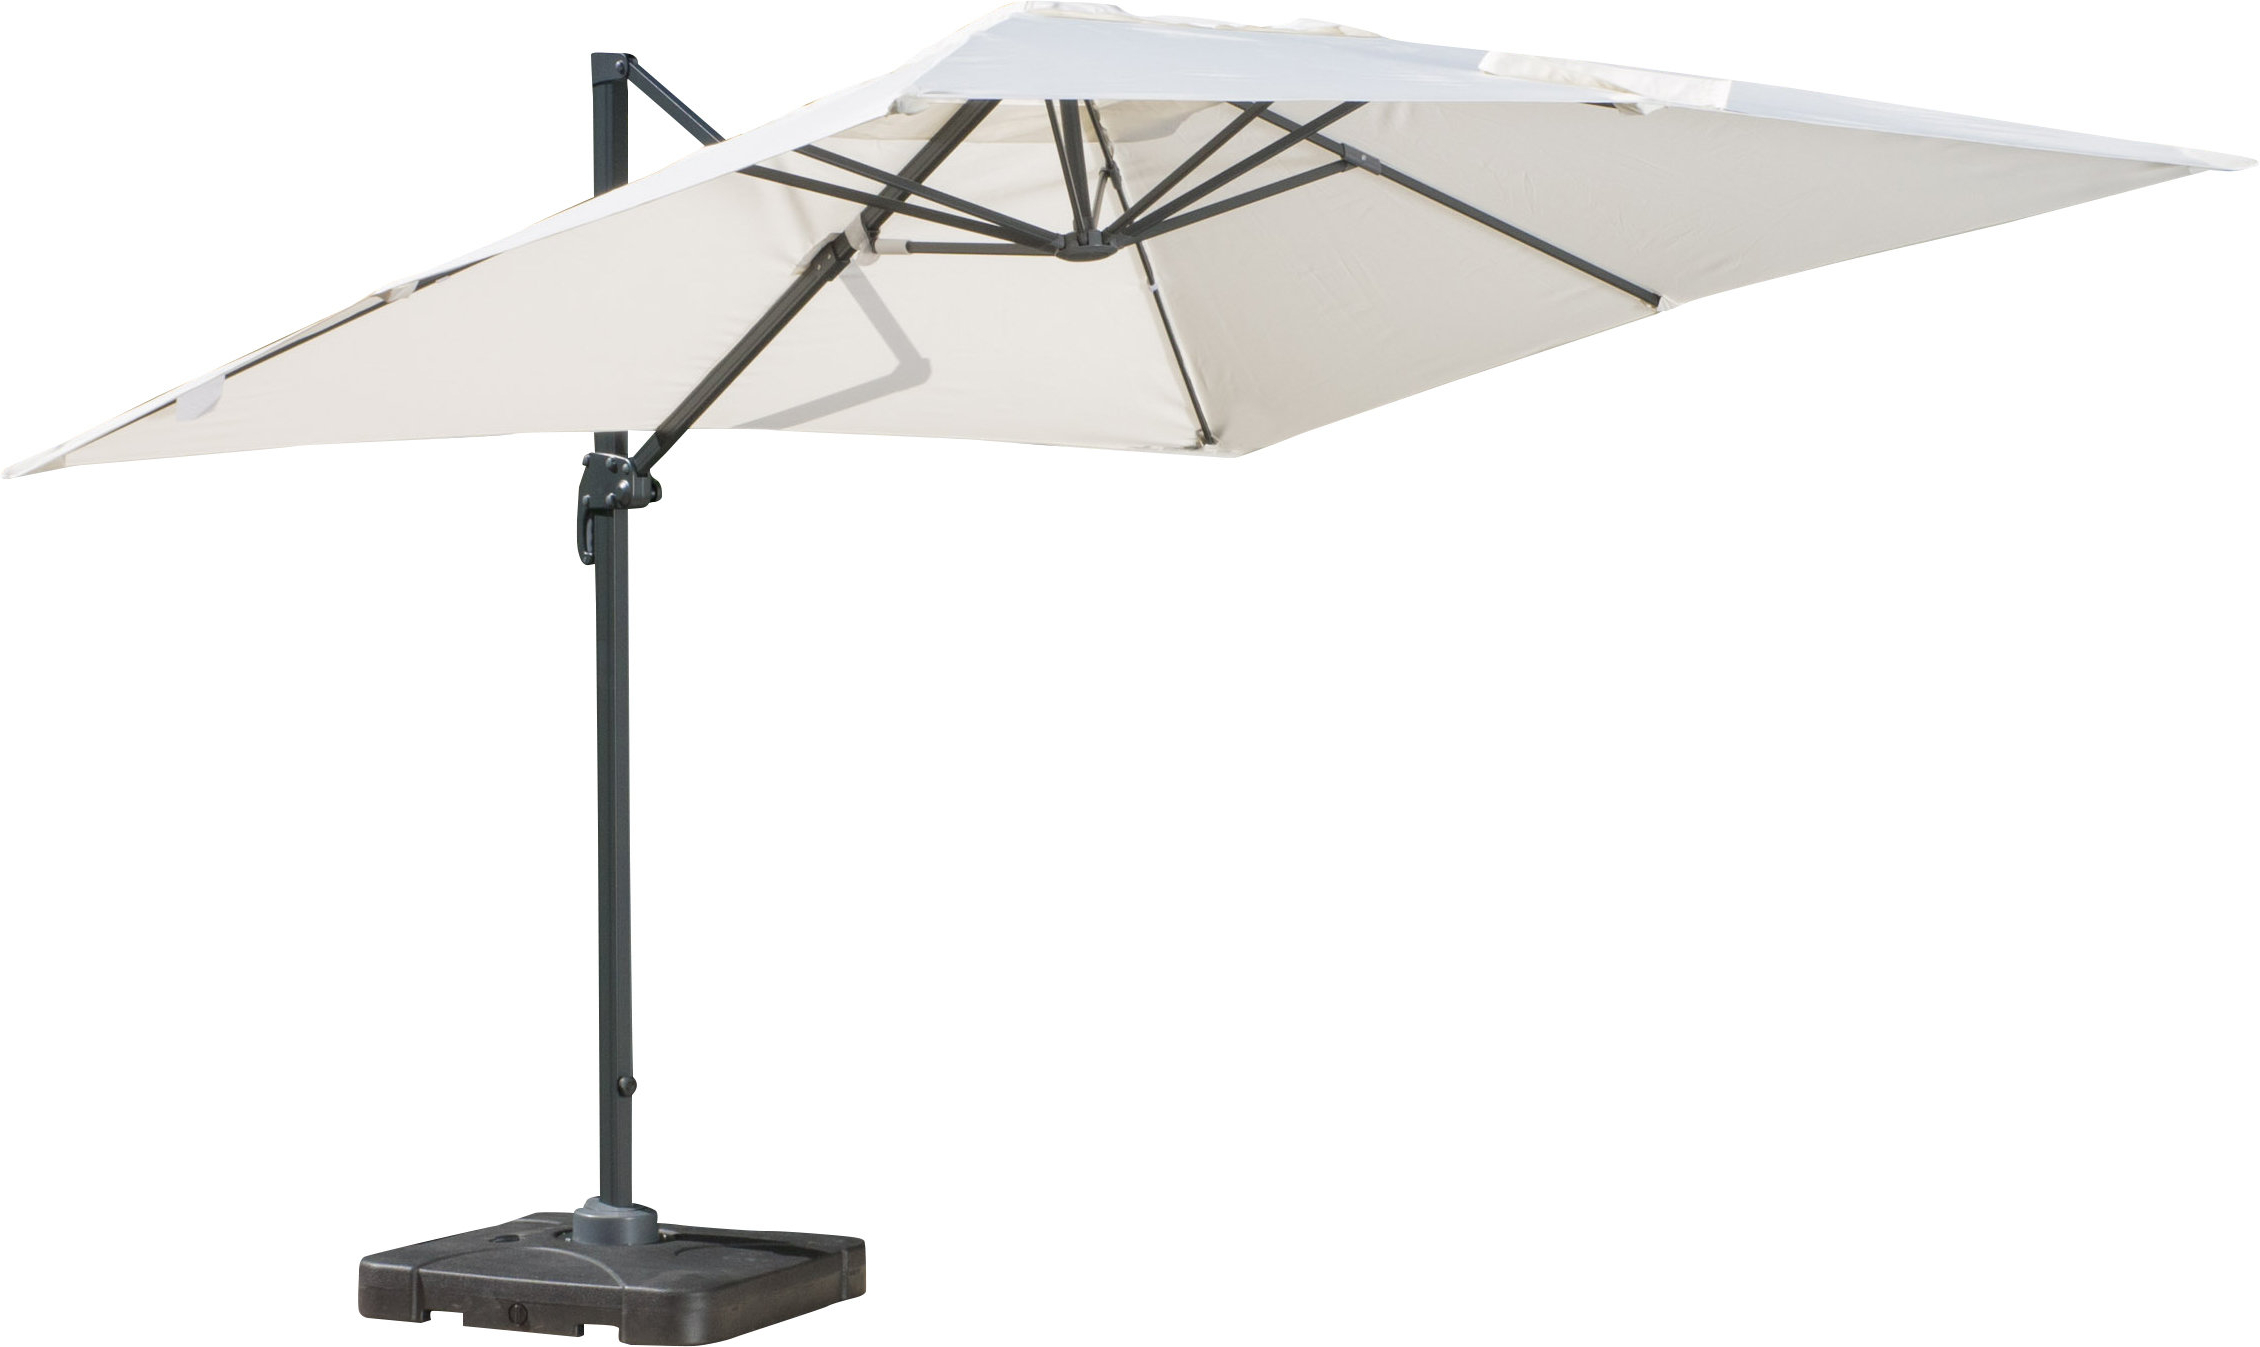 Wardingham Square Cantilever Umbrellas Pertaining To 2020 Boracay 10' Square Cantilever Umbrella (View 6 of 20)